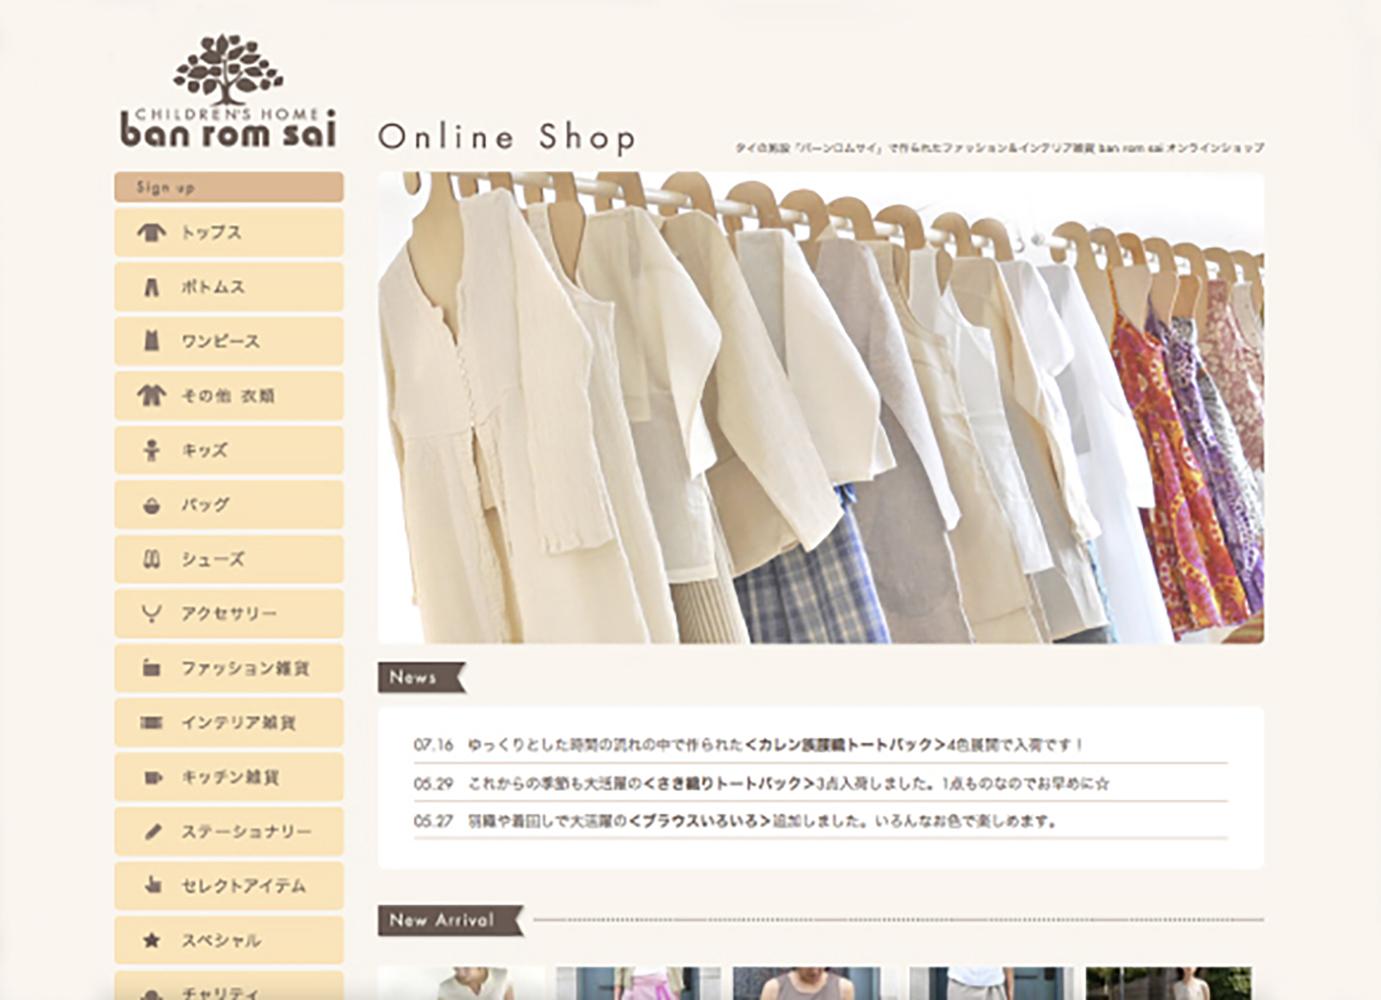 オンラインショップサイトデザイン